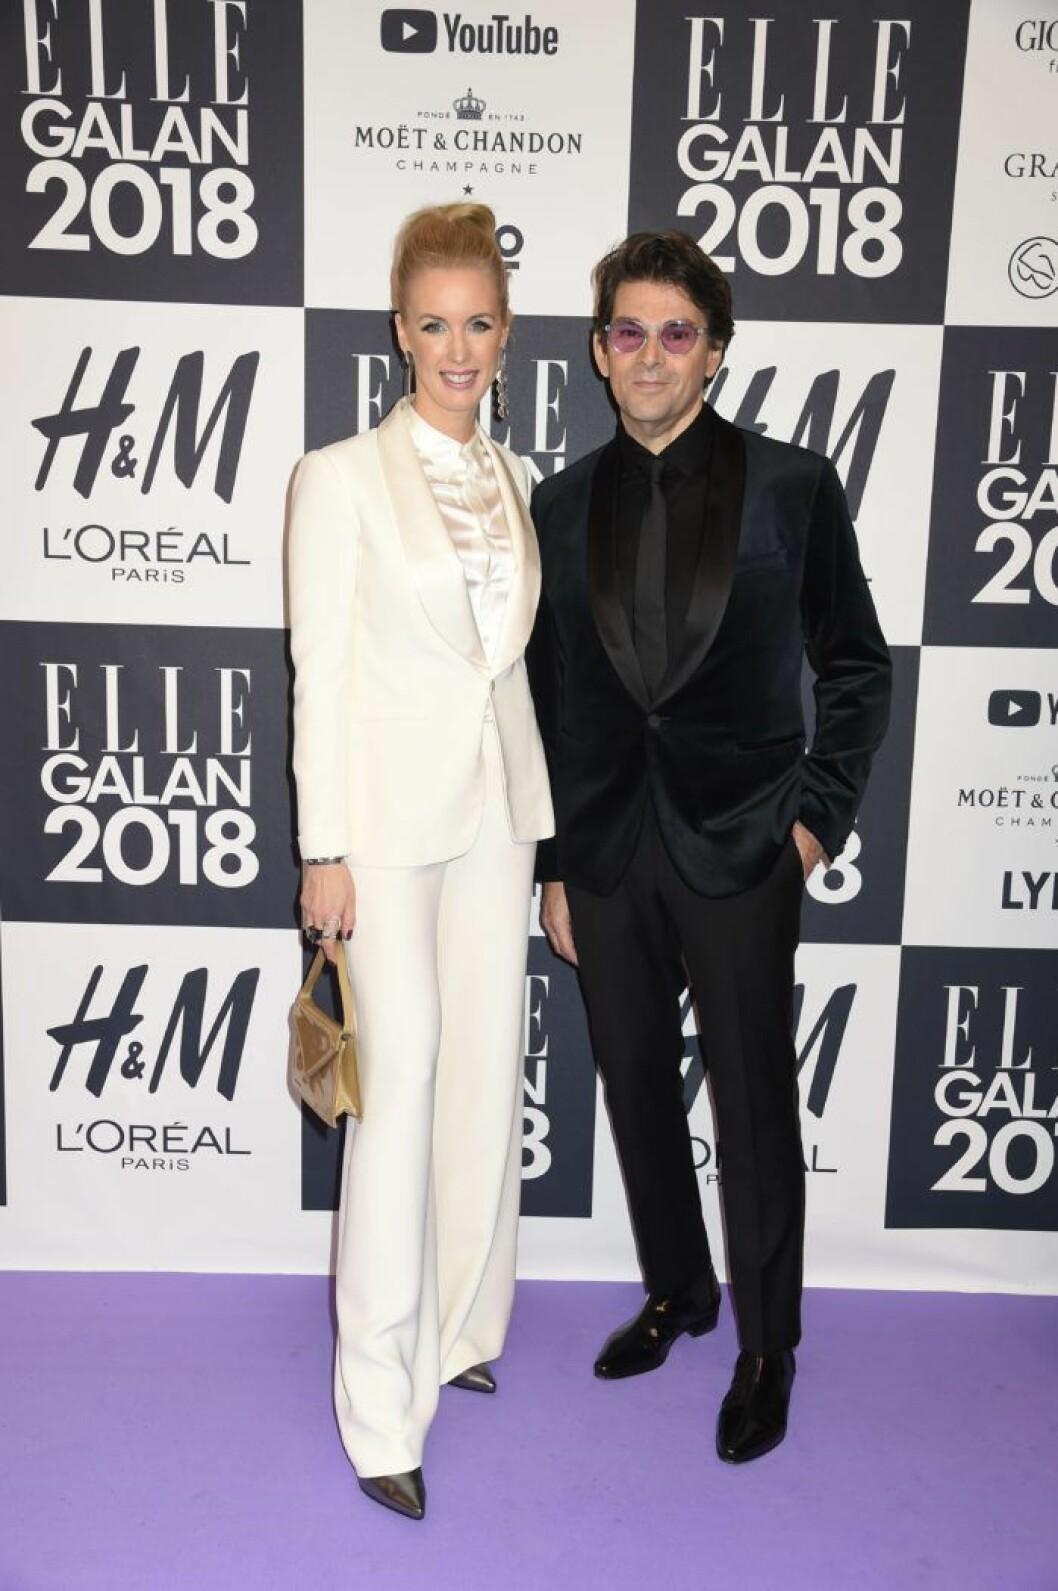 Jenny och Niklas Strömstedt, tillsammans på ELLE-galans röda matta 2018.